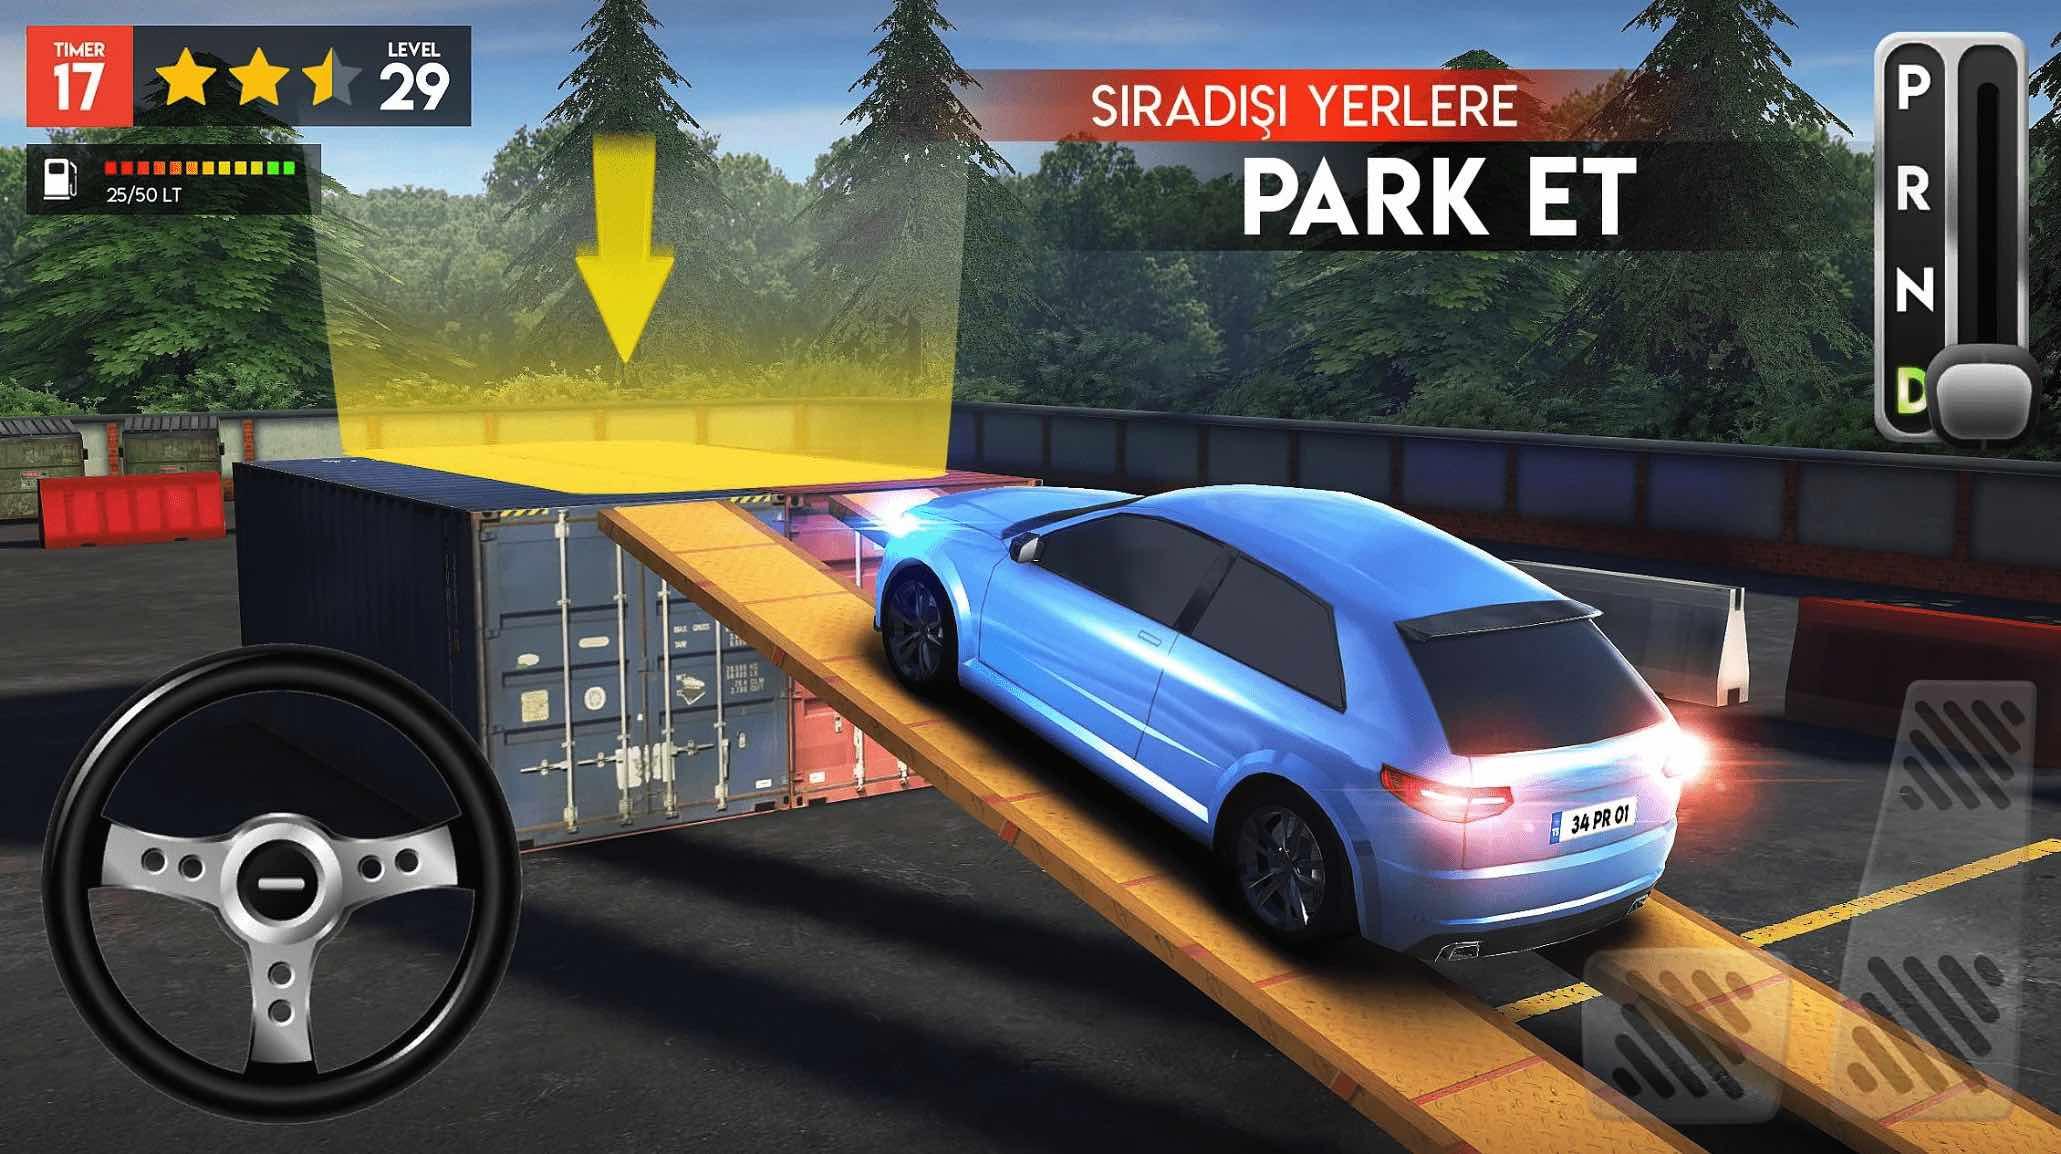 En İyi Android Park Etme Oyunları park etme oyunları en iyi park etme android park etme